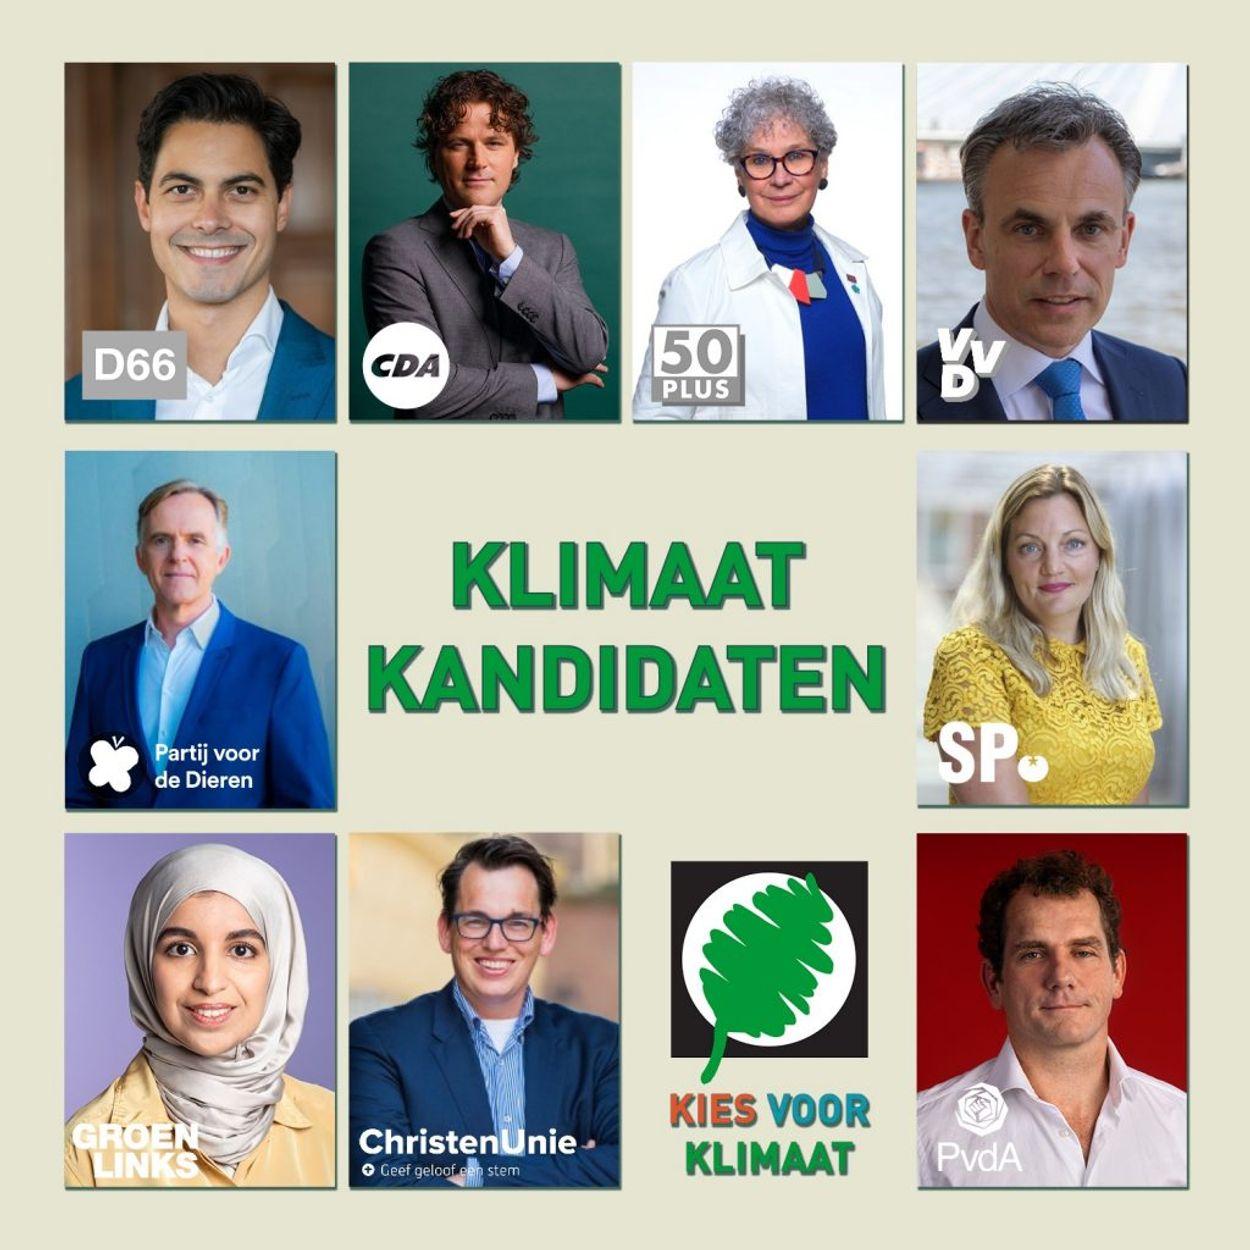 Poster-klimaatkandidaten-1024x1024